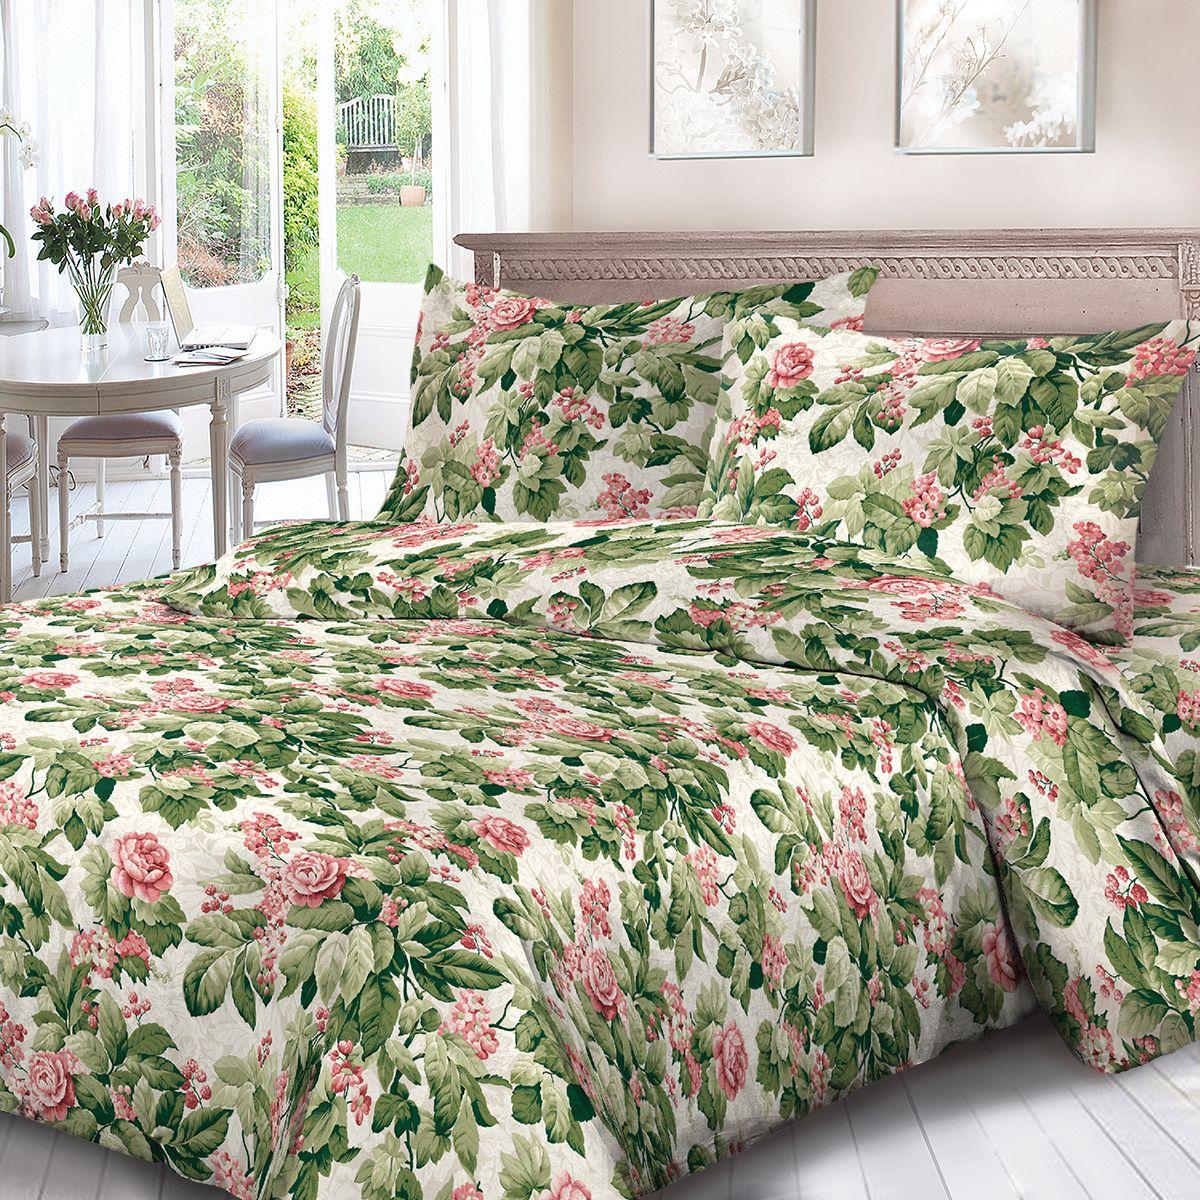 Комплект белья Для Снов Романс, семейный, наволочки 70x70, цвет: зеленый. 1702-187096